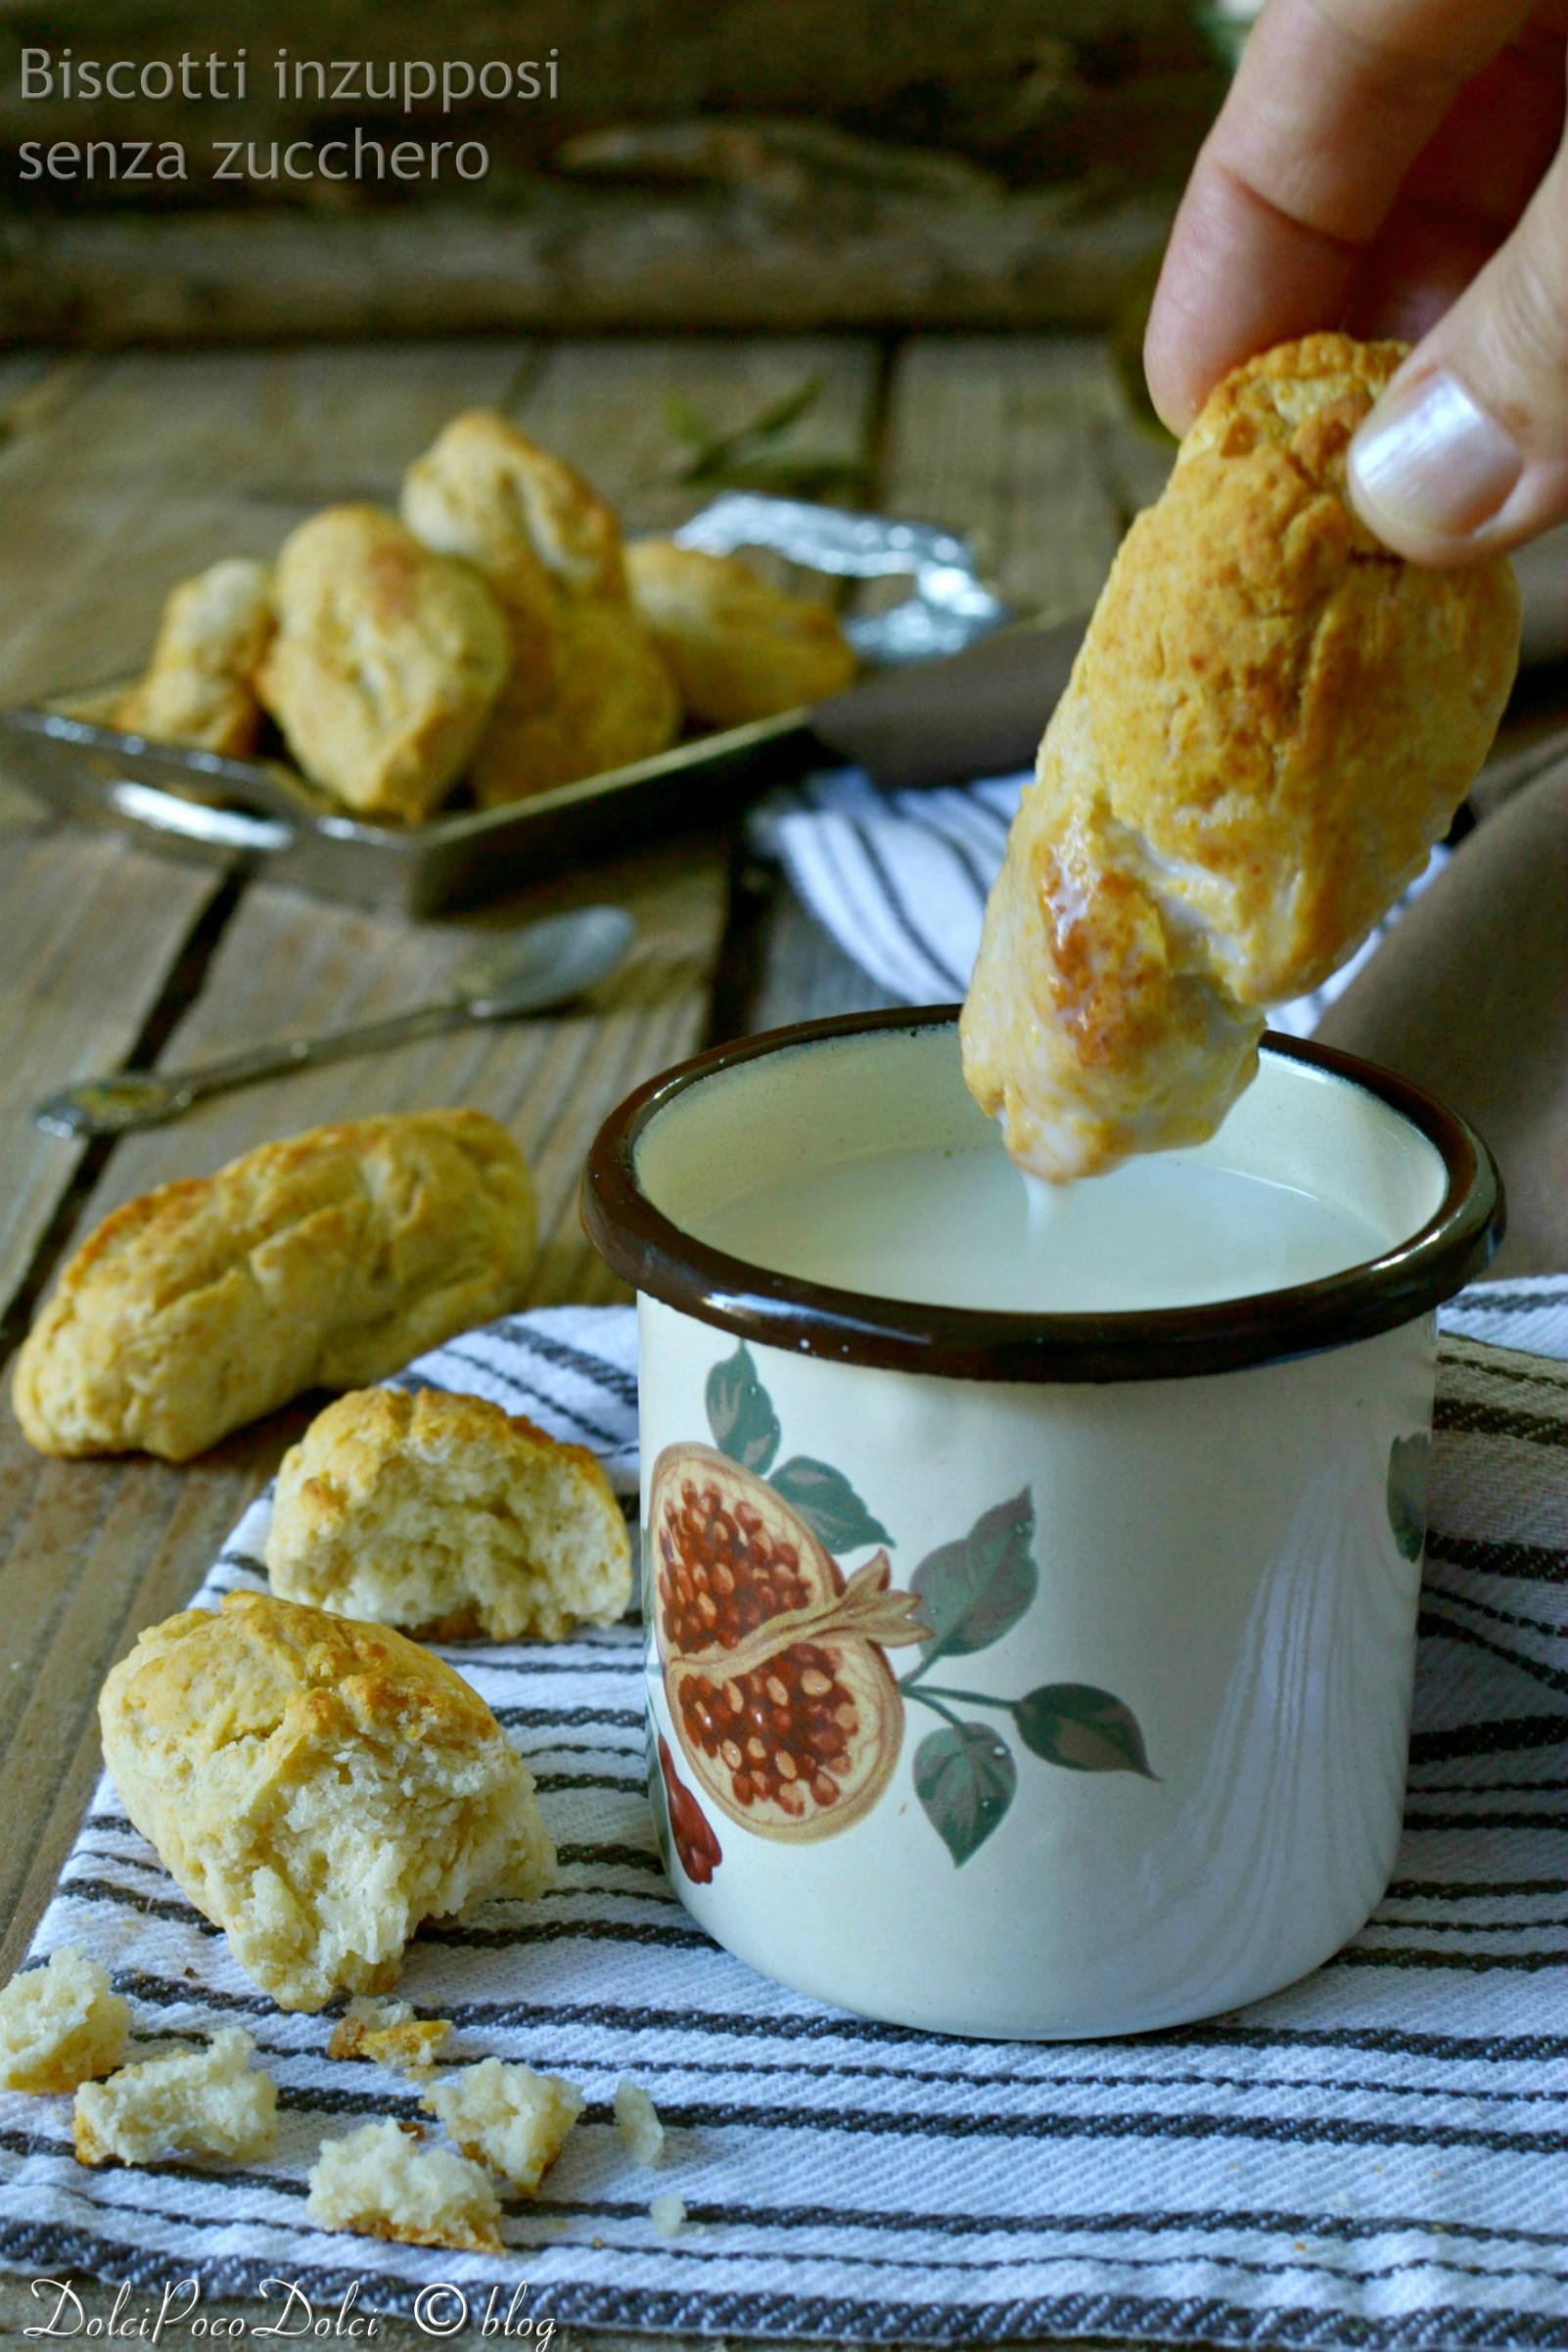 Biscotti inzupposi senza zucchero